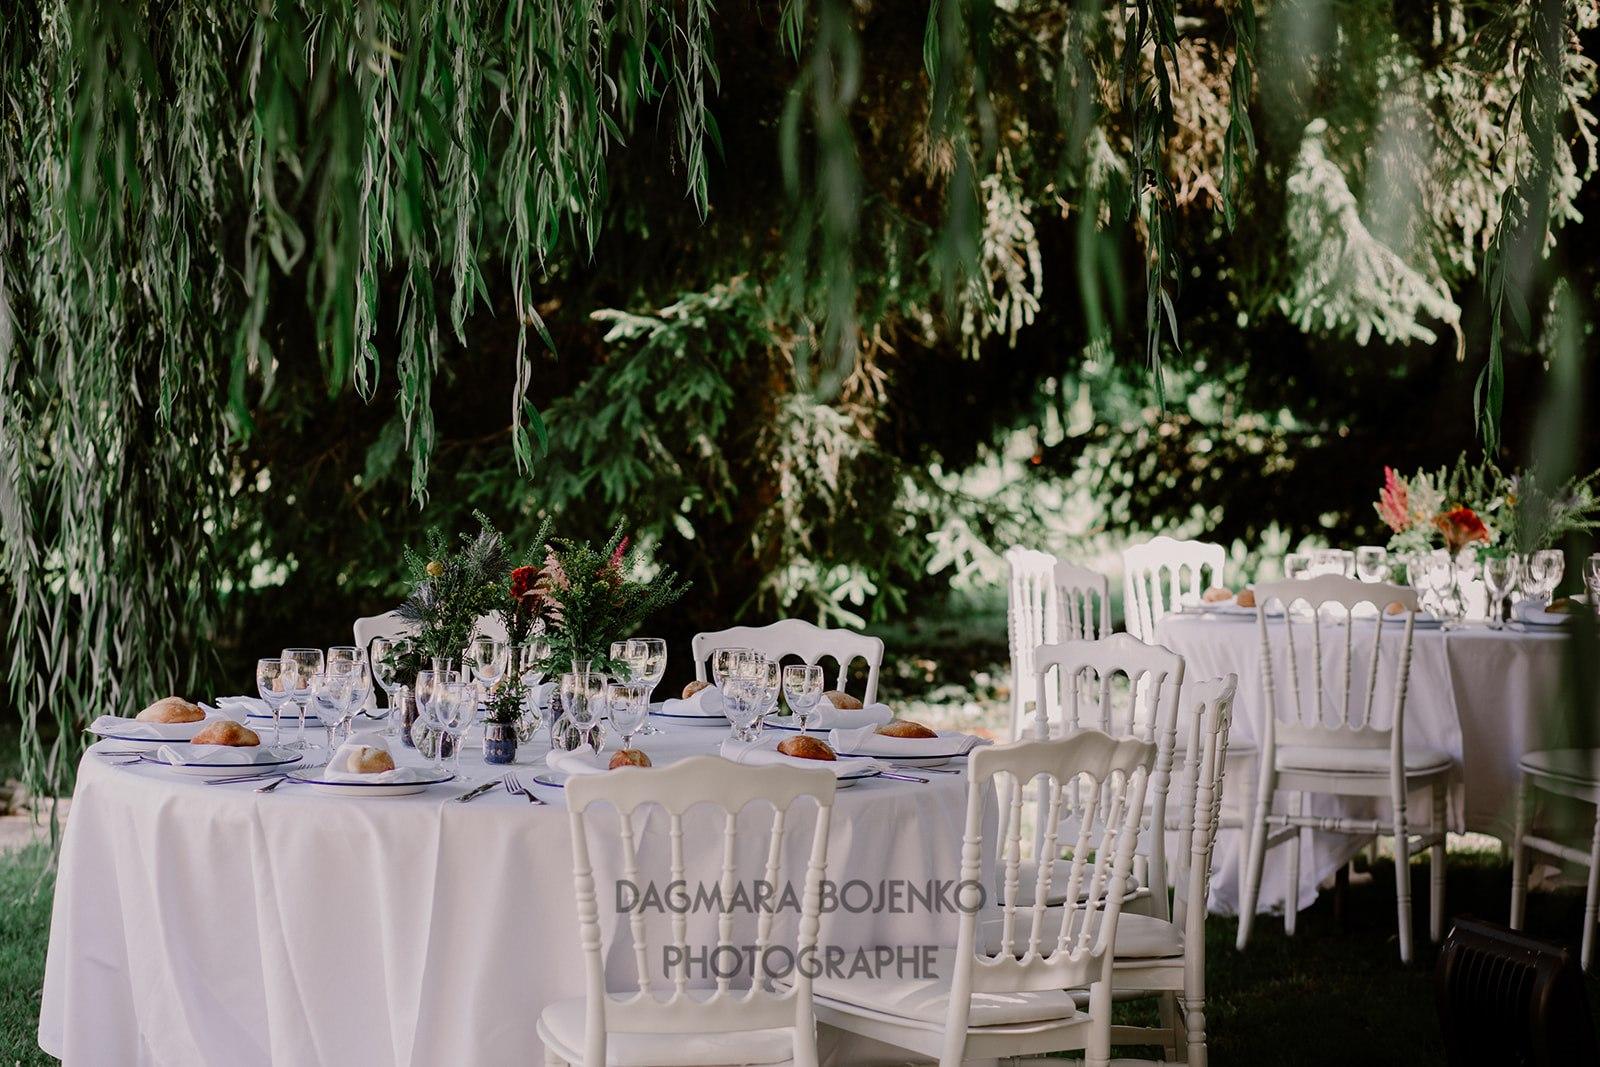 Réception de mariage sous le saule pleureur à La Thibaudière par Dagmara Bojenko